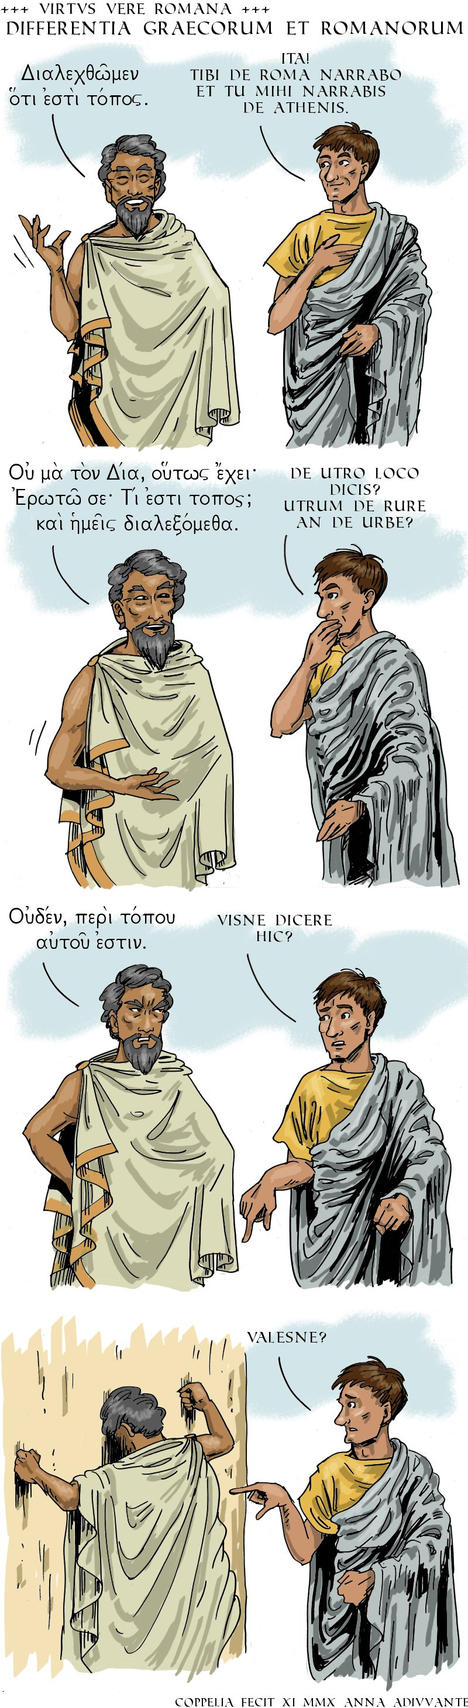 VVR Graeci et Romani by Xzaren